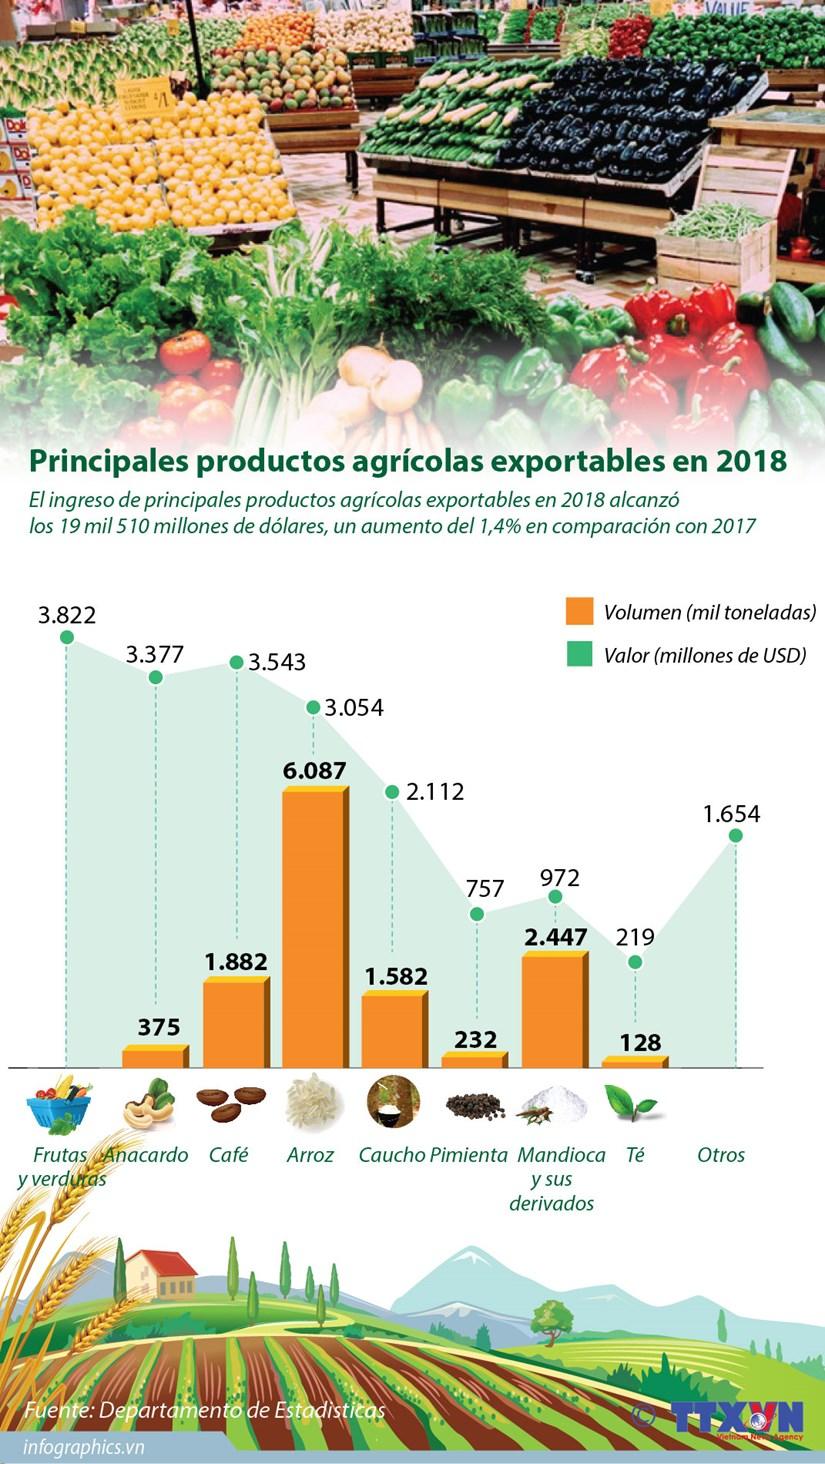 [Info] Principales productos agricolas exportables en 2018 hinh anh 1